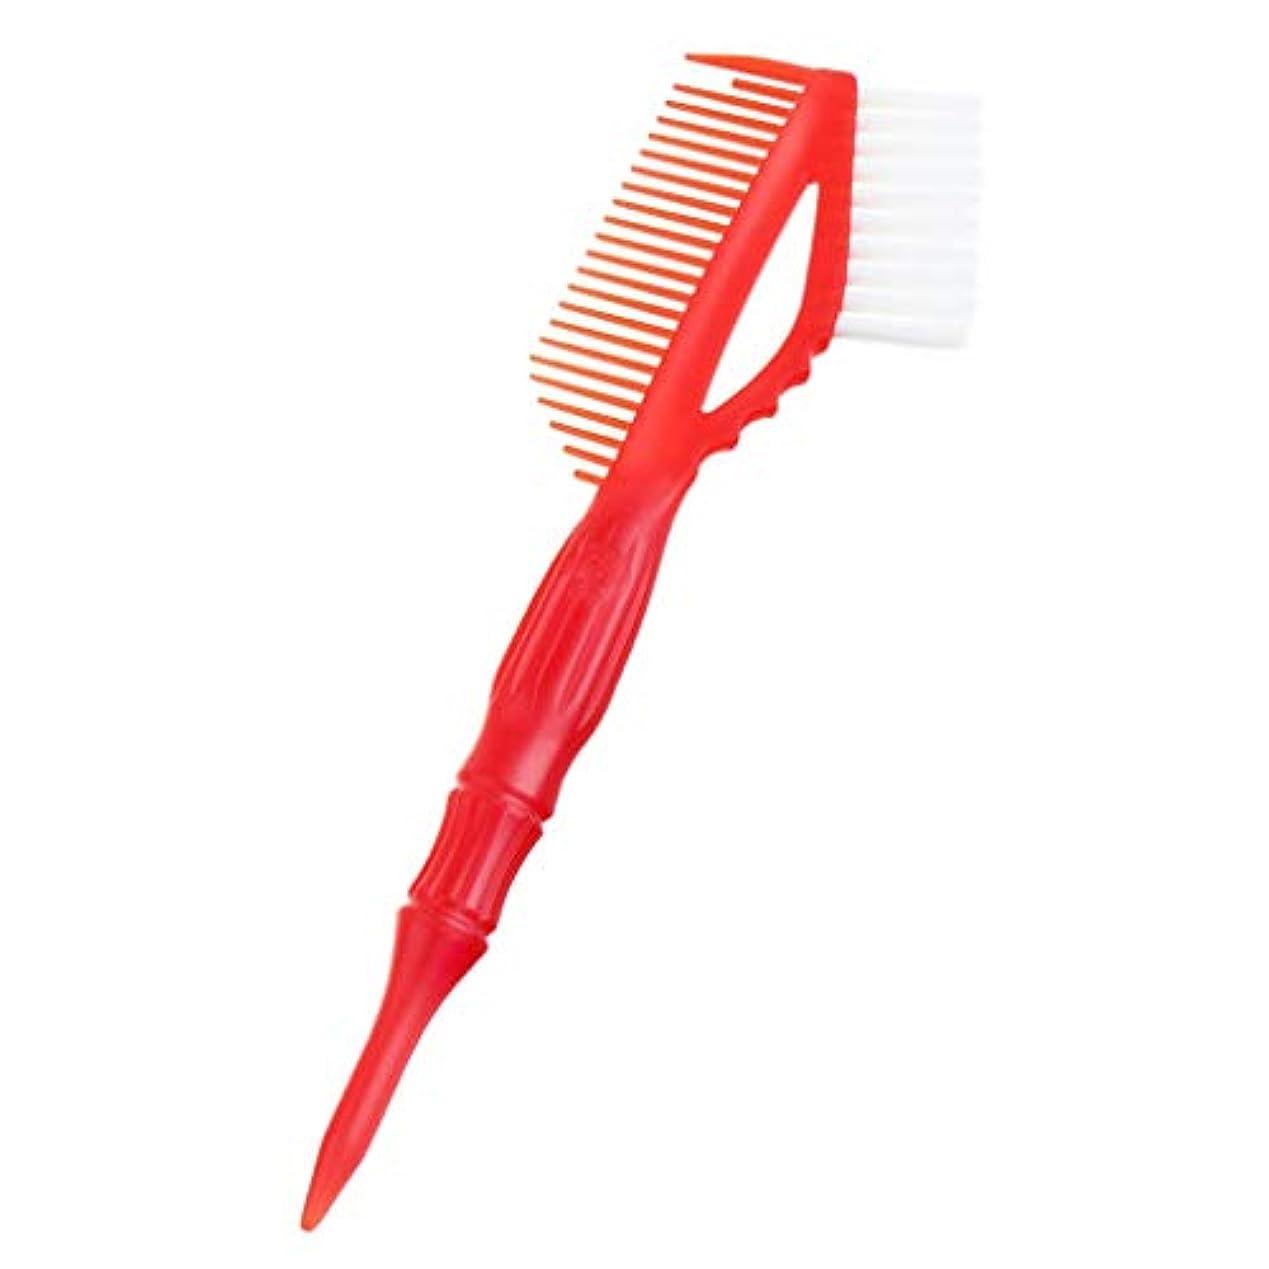 腐敗受取人幹T TOOYFUL 9インチテールコームブラシ - からかいコーム - すべての髪タイプの軽量ラットテールコーム - 赤, 23×7.2×2cm